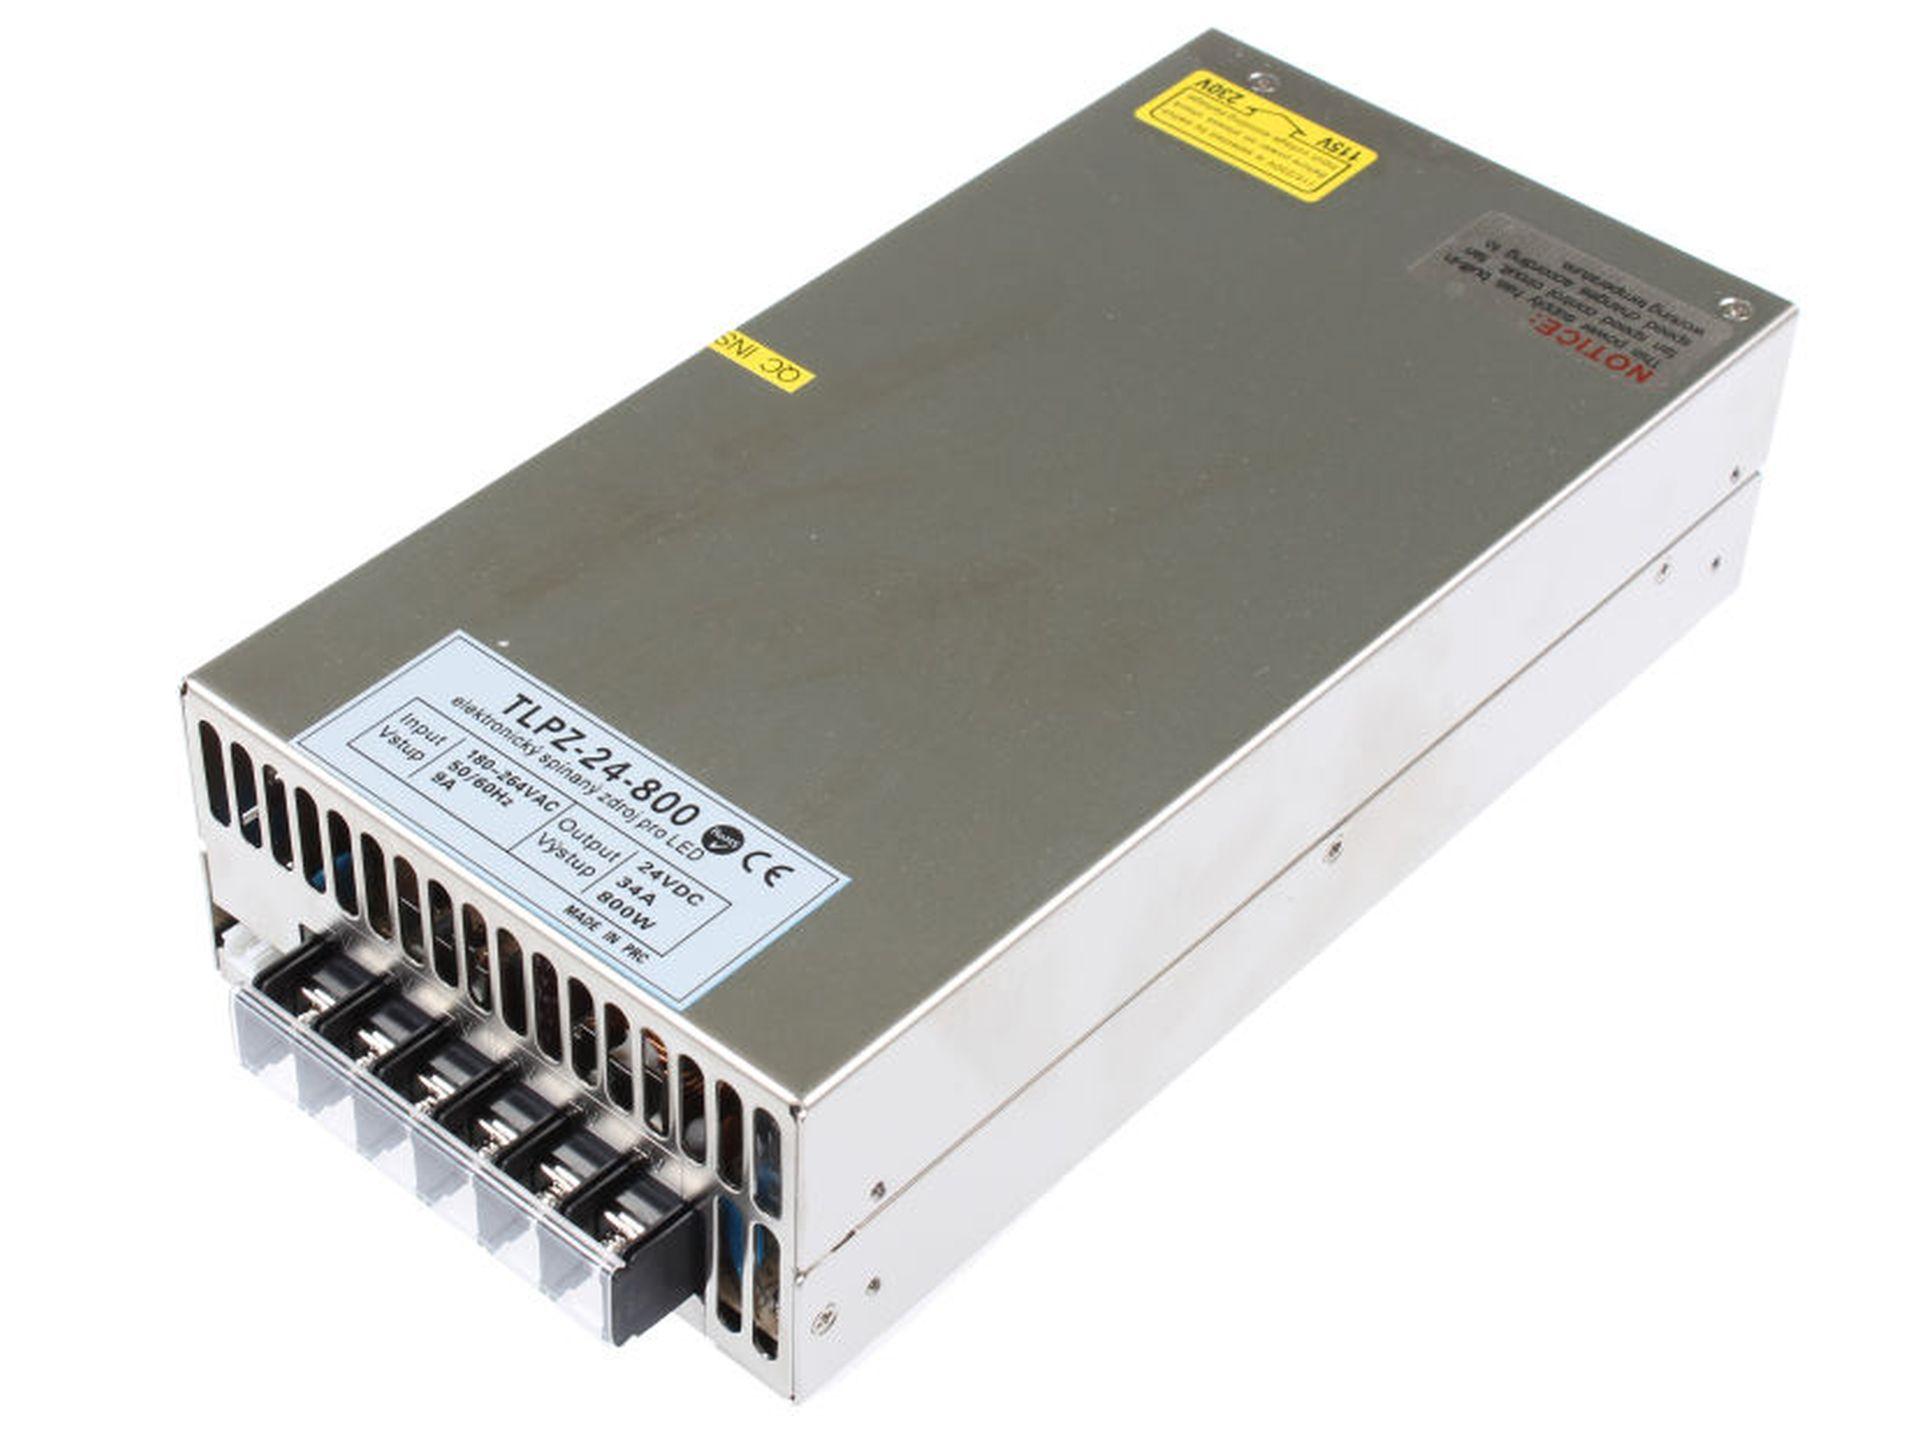 T-LED LED zdroj (trafo) 24V 800W - vnútorné 05529